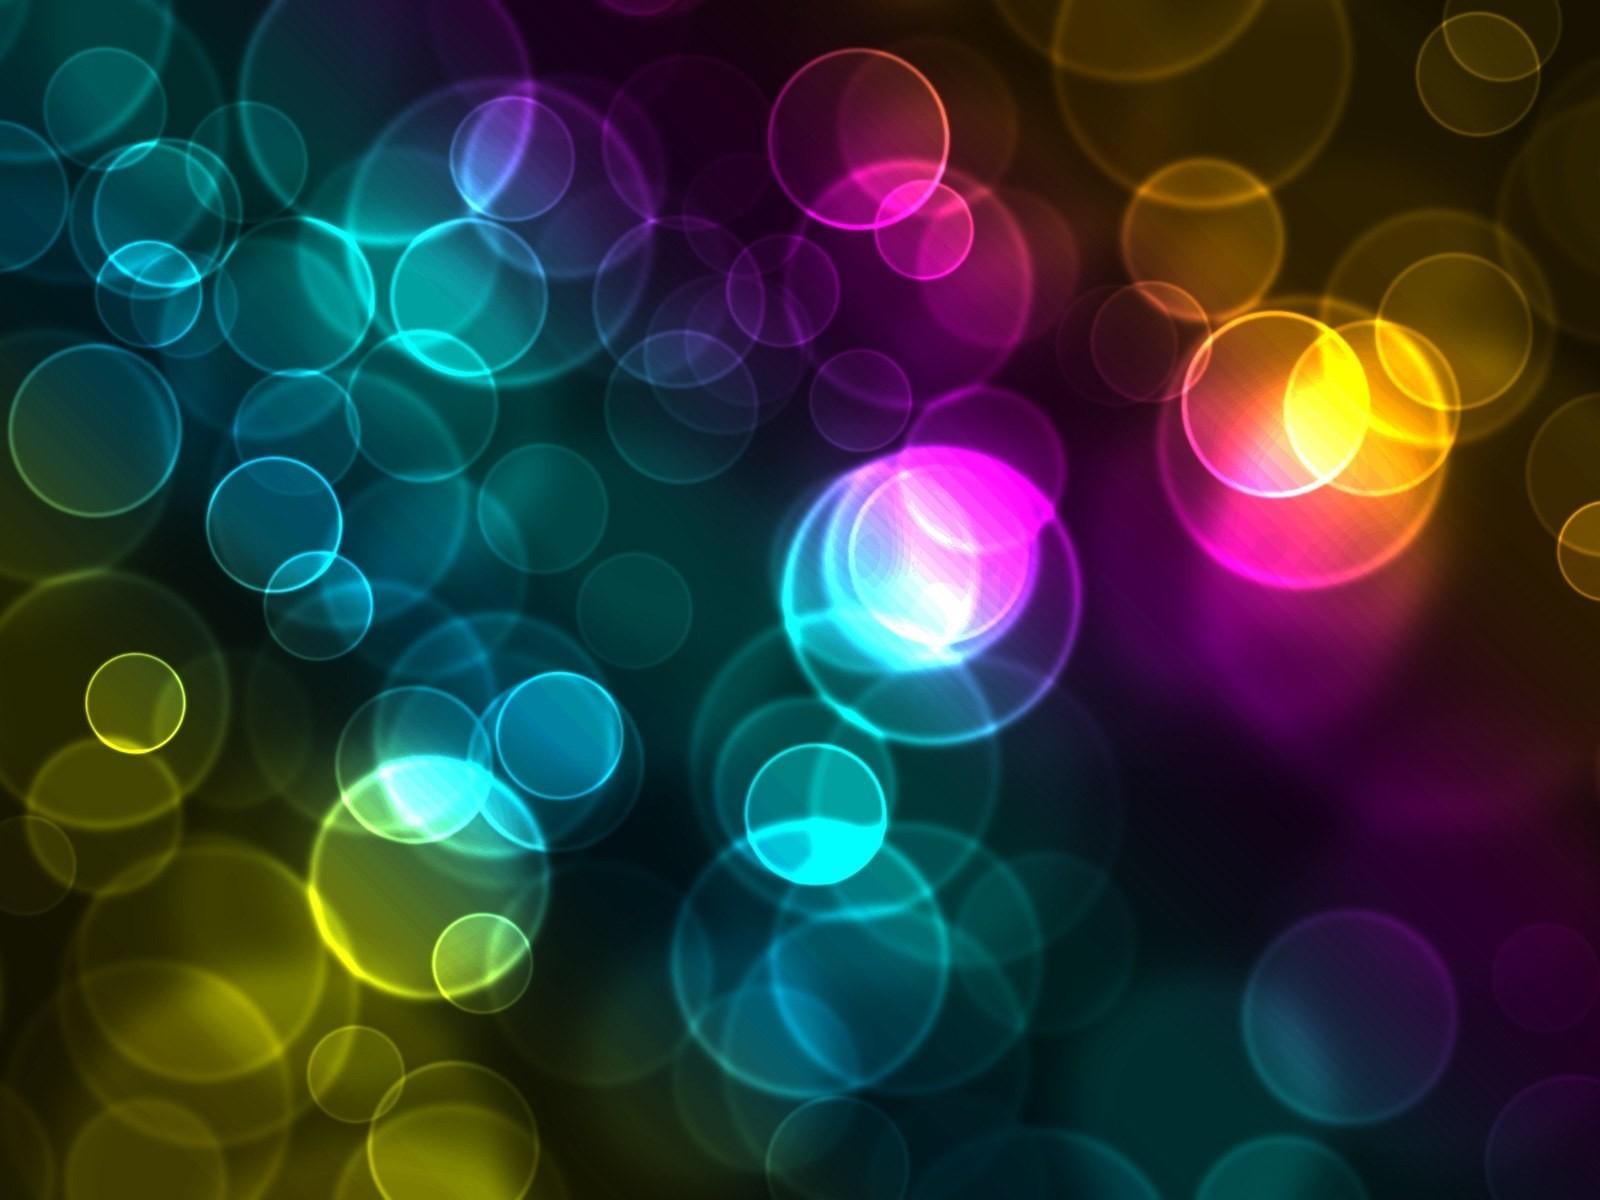 Bubbles Screensaver Black Background: Rainbow Bubbles Computer Wallpapers, Desktop Backgrounds